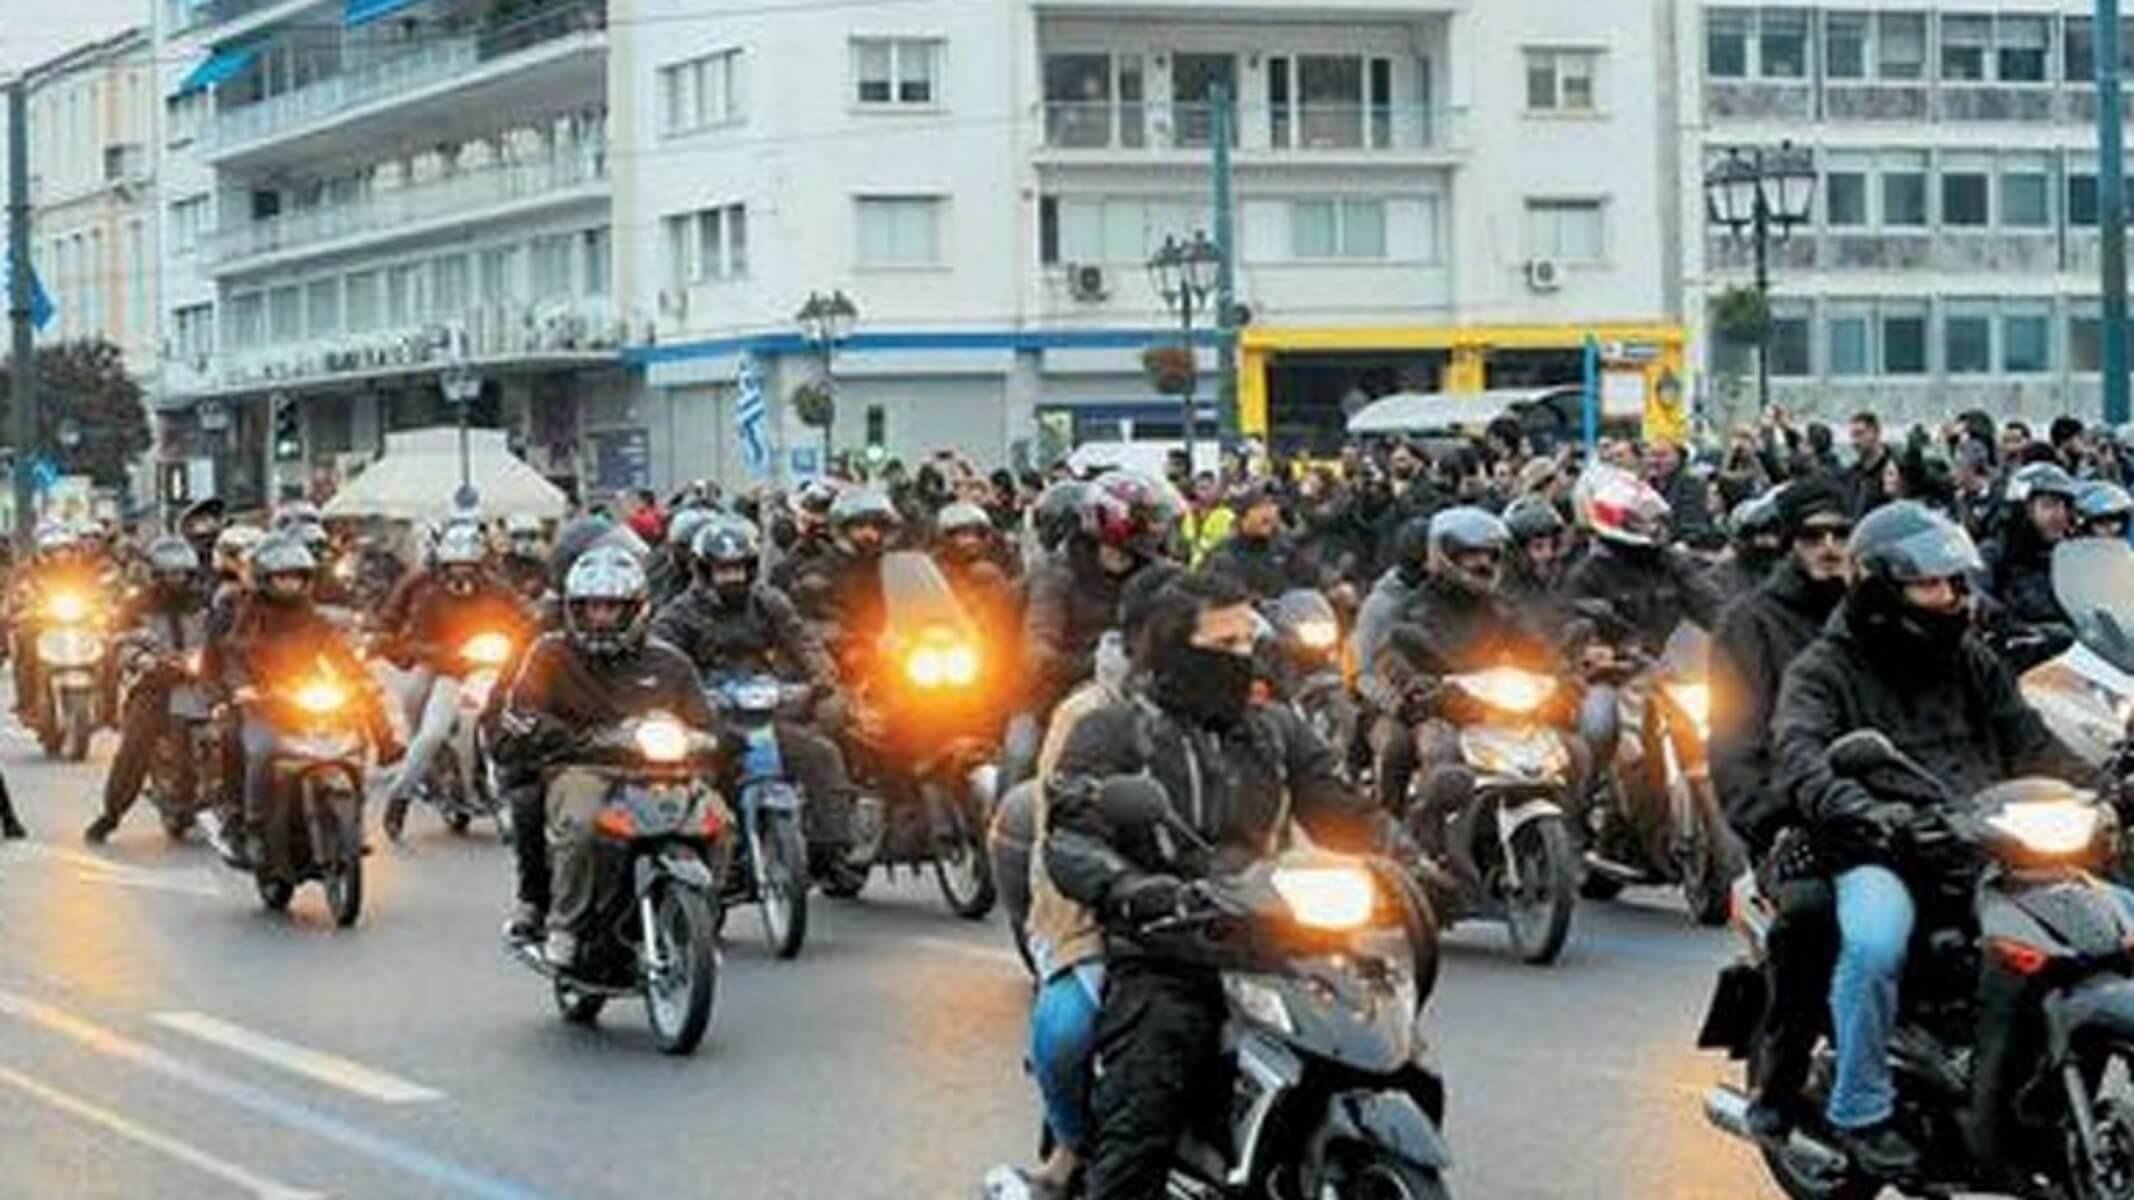 Πάτρα: Μηχανοκίνητη πορεία για τον Δημήτρη Κουφοντίνα